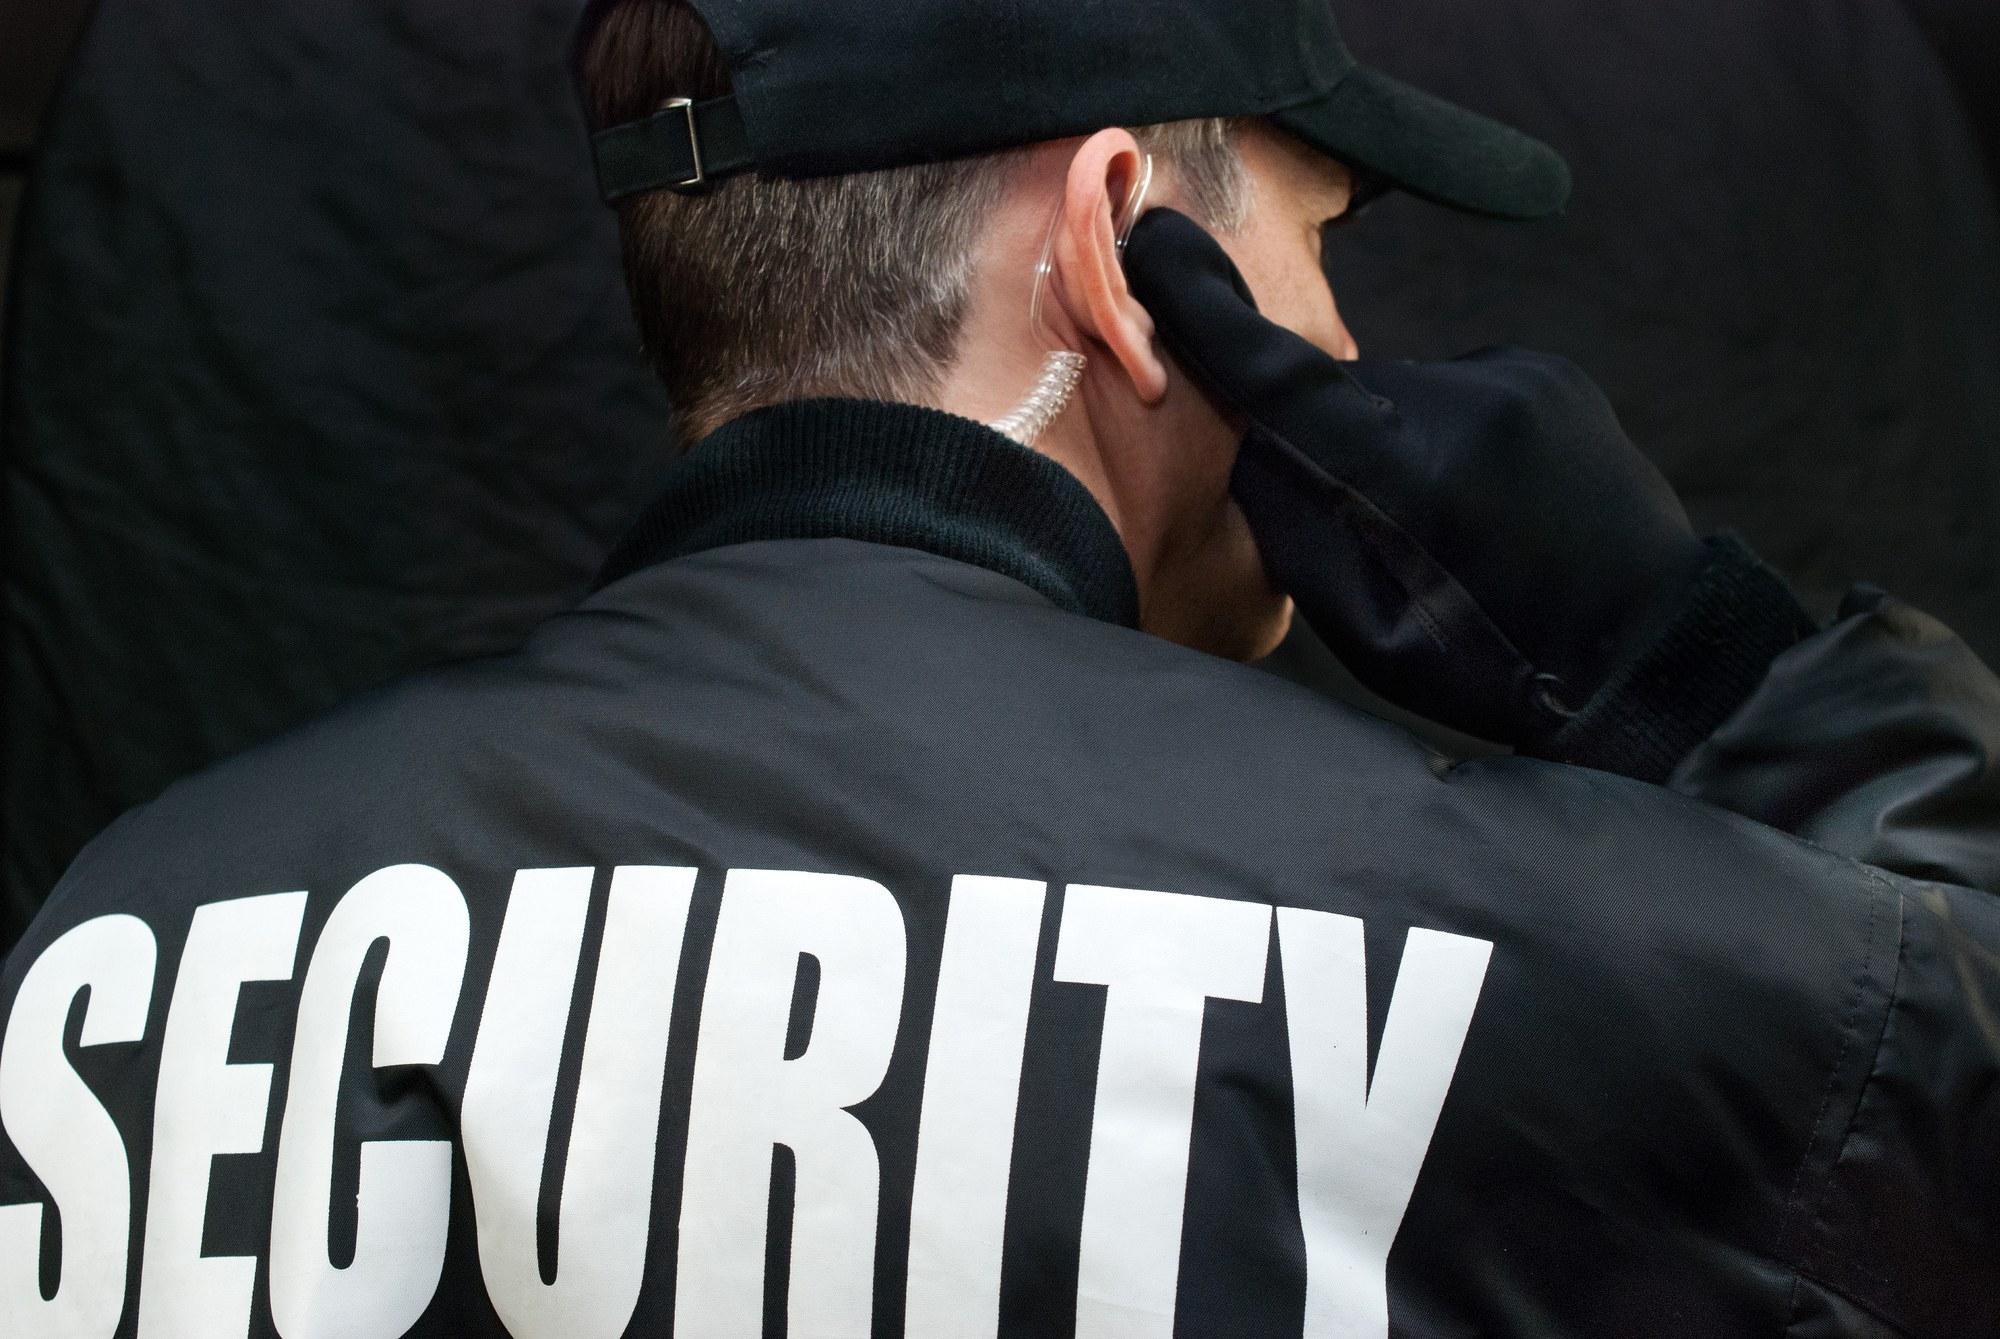 Sicherheitsdienste, Agentur für Sicherheit und Brandschutz, Brandwache, Wachdienst, Objektschutz Butzbach